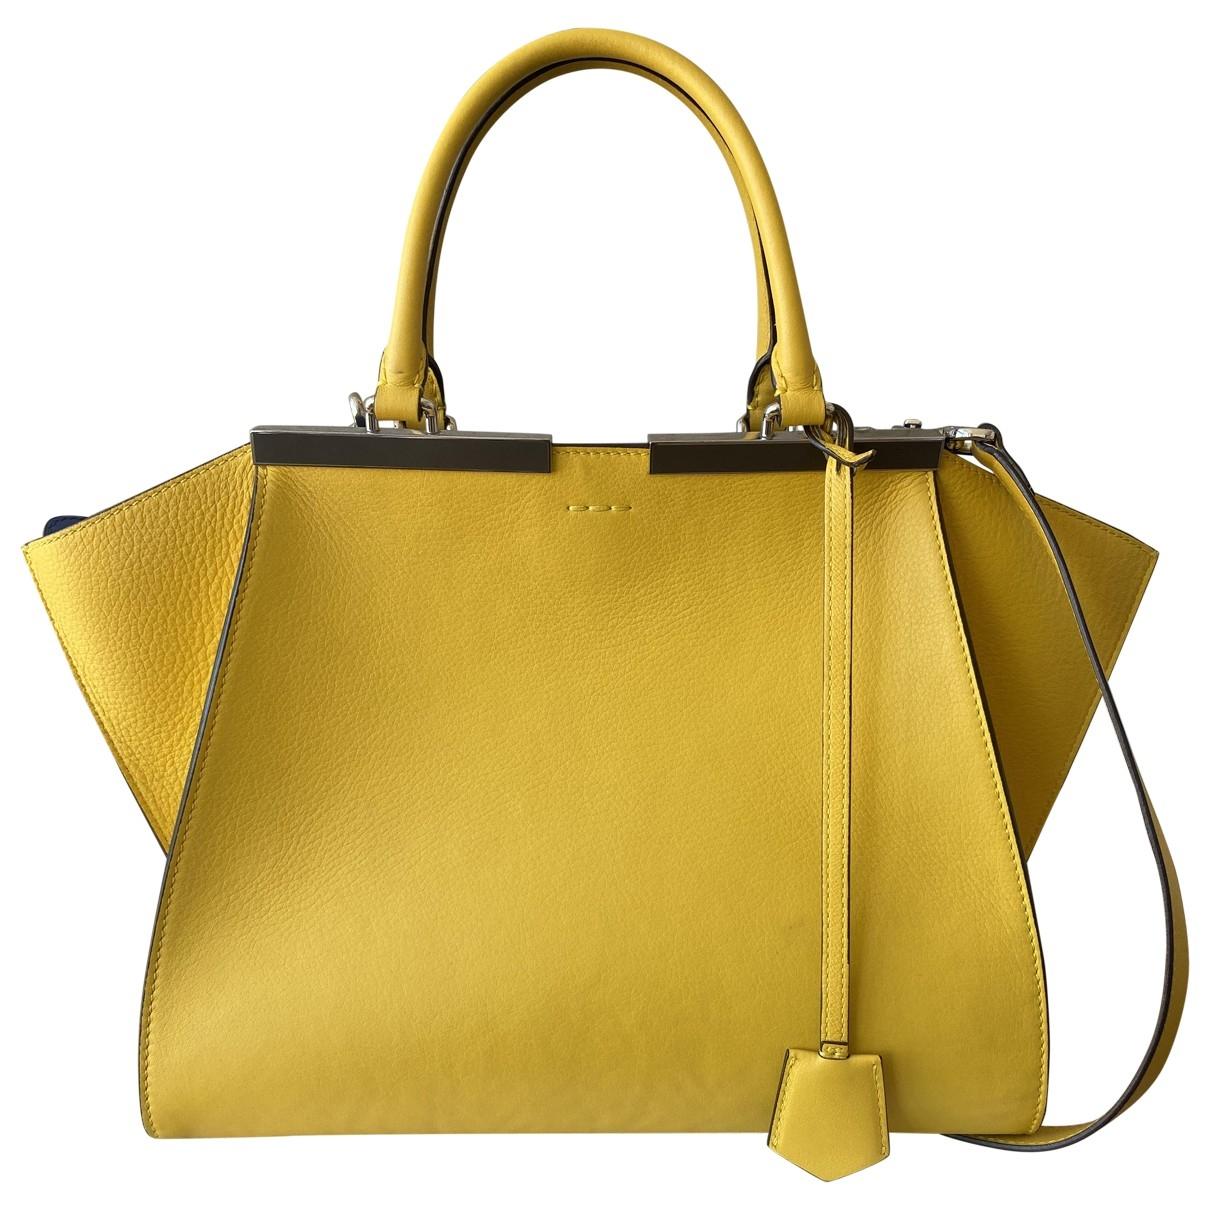 Fendi 3Jours Handtasche in  Gelb Leder